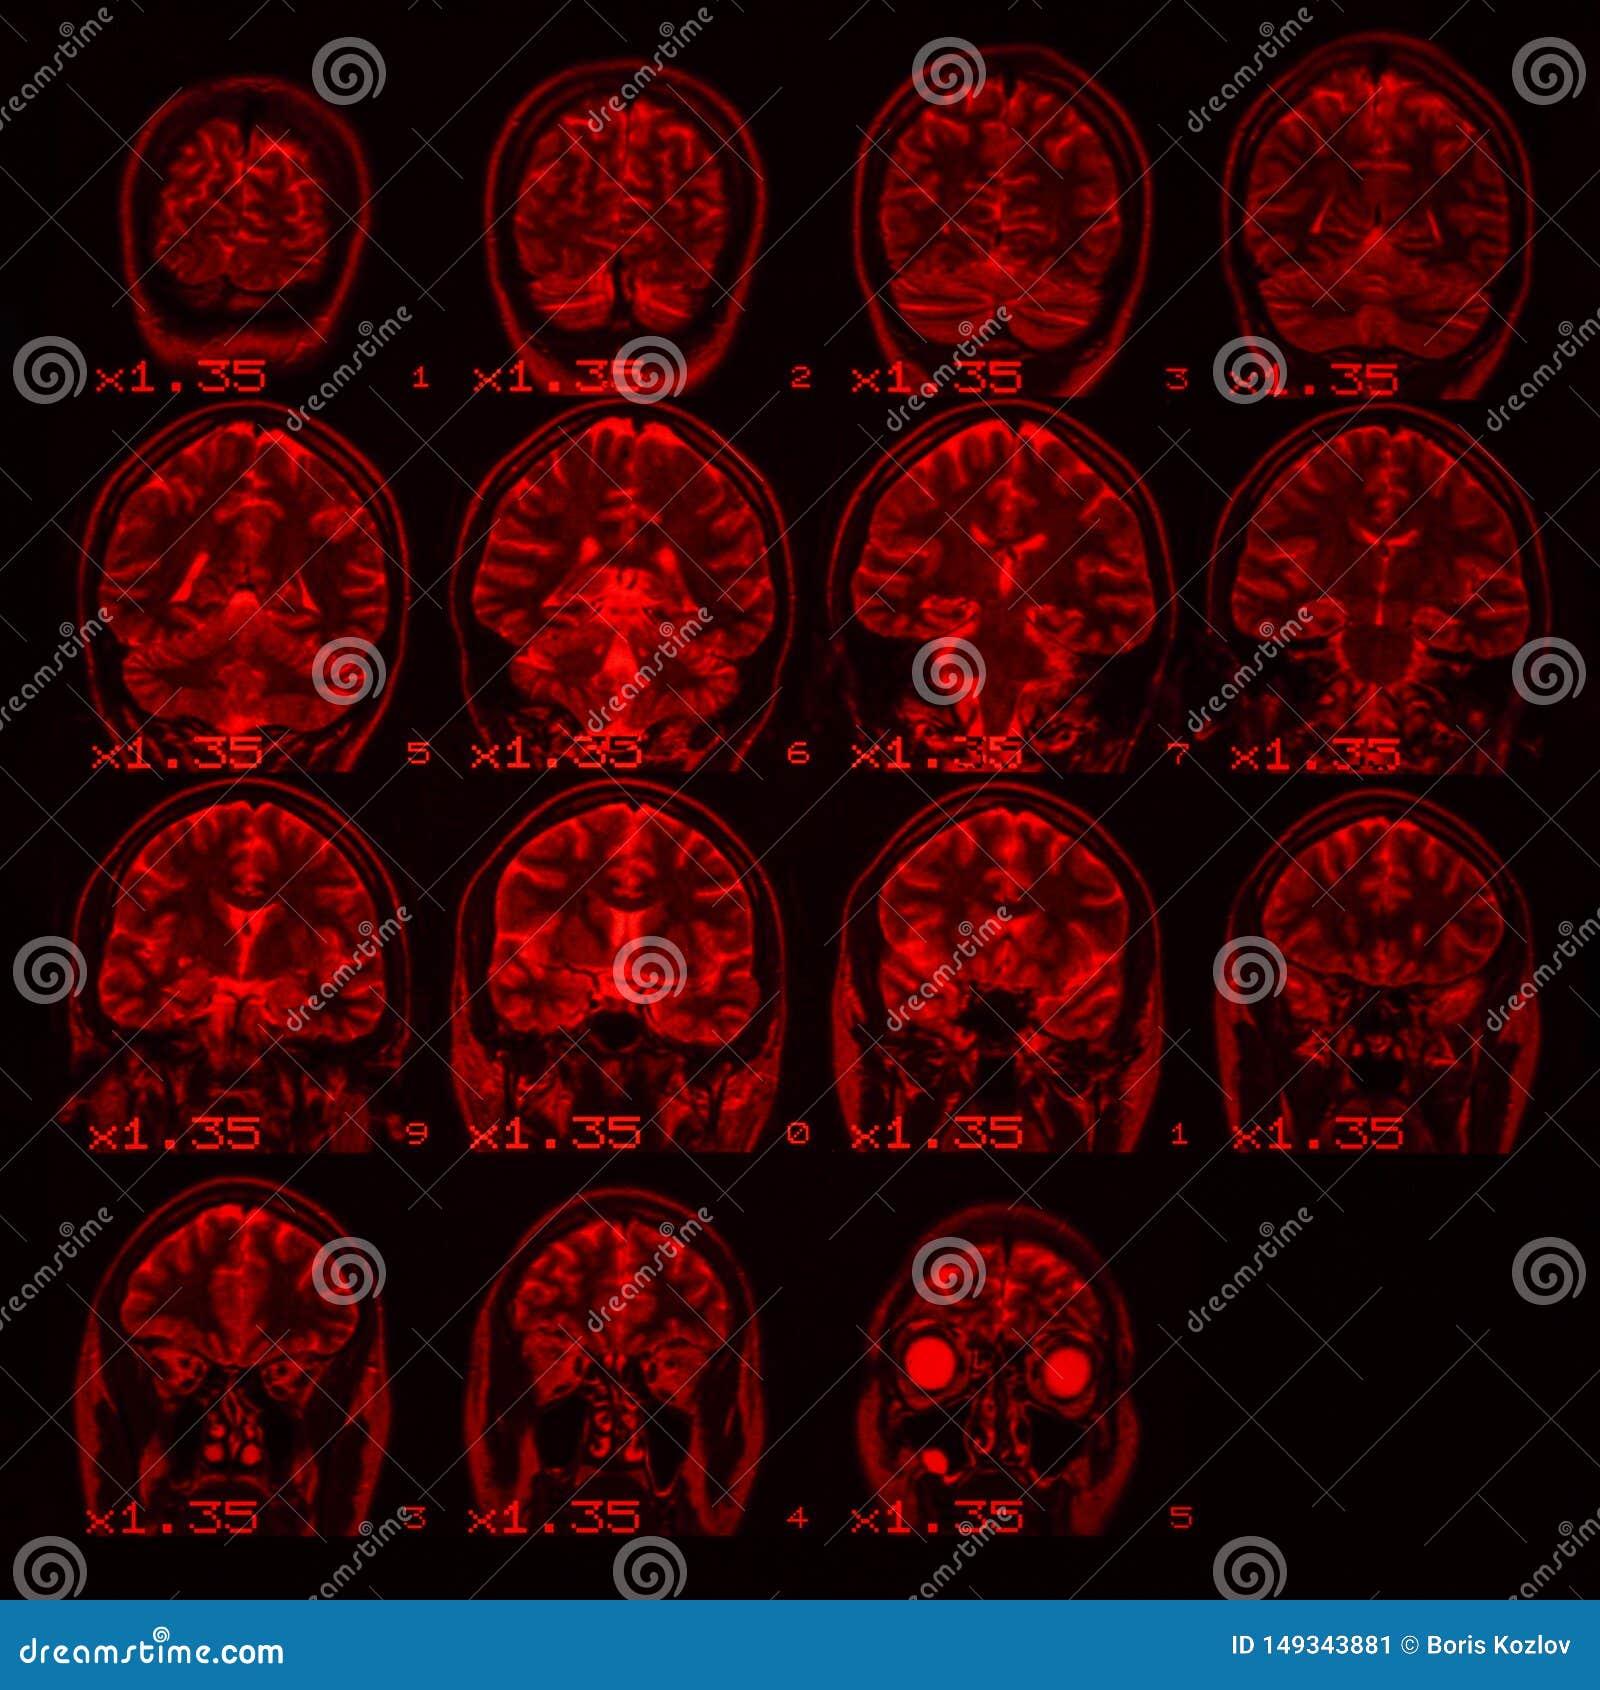 MRI van de hersenen op een zwarte achtergrond met rode backlight